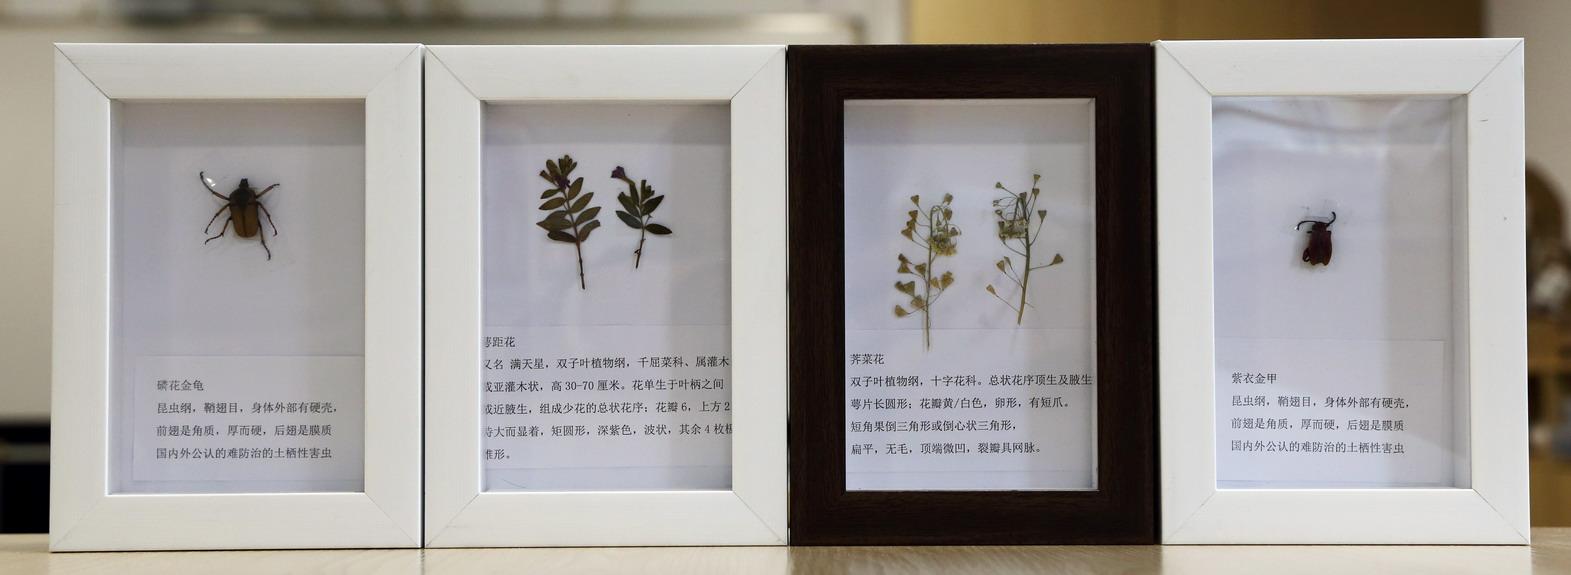 10植物昆虫_曾孔阳